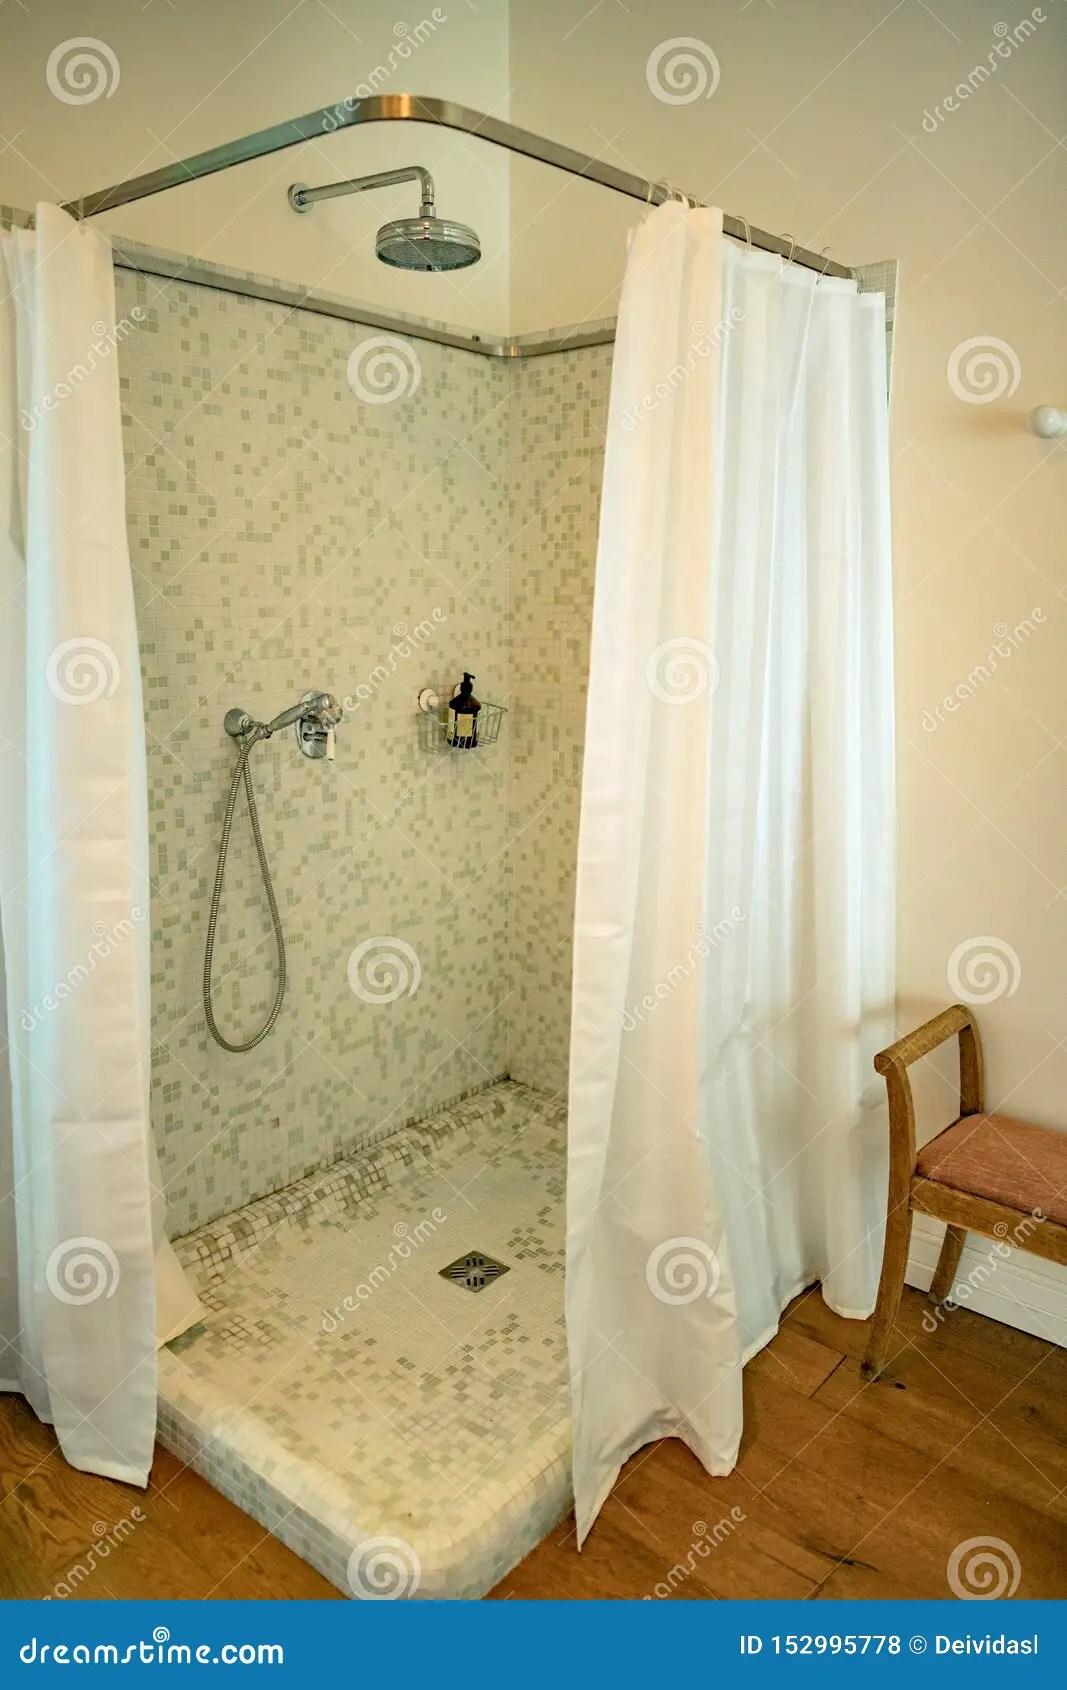 bathroom curtain instead of door